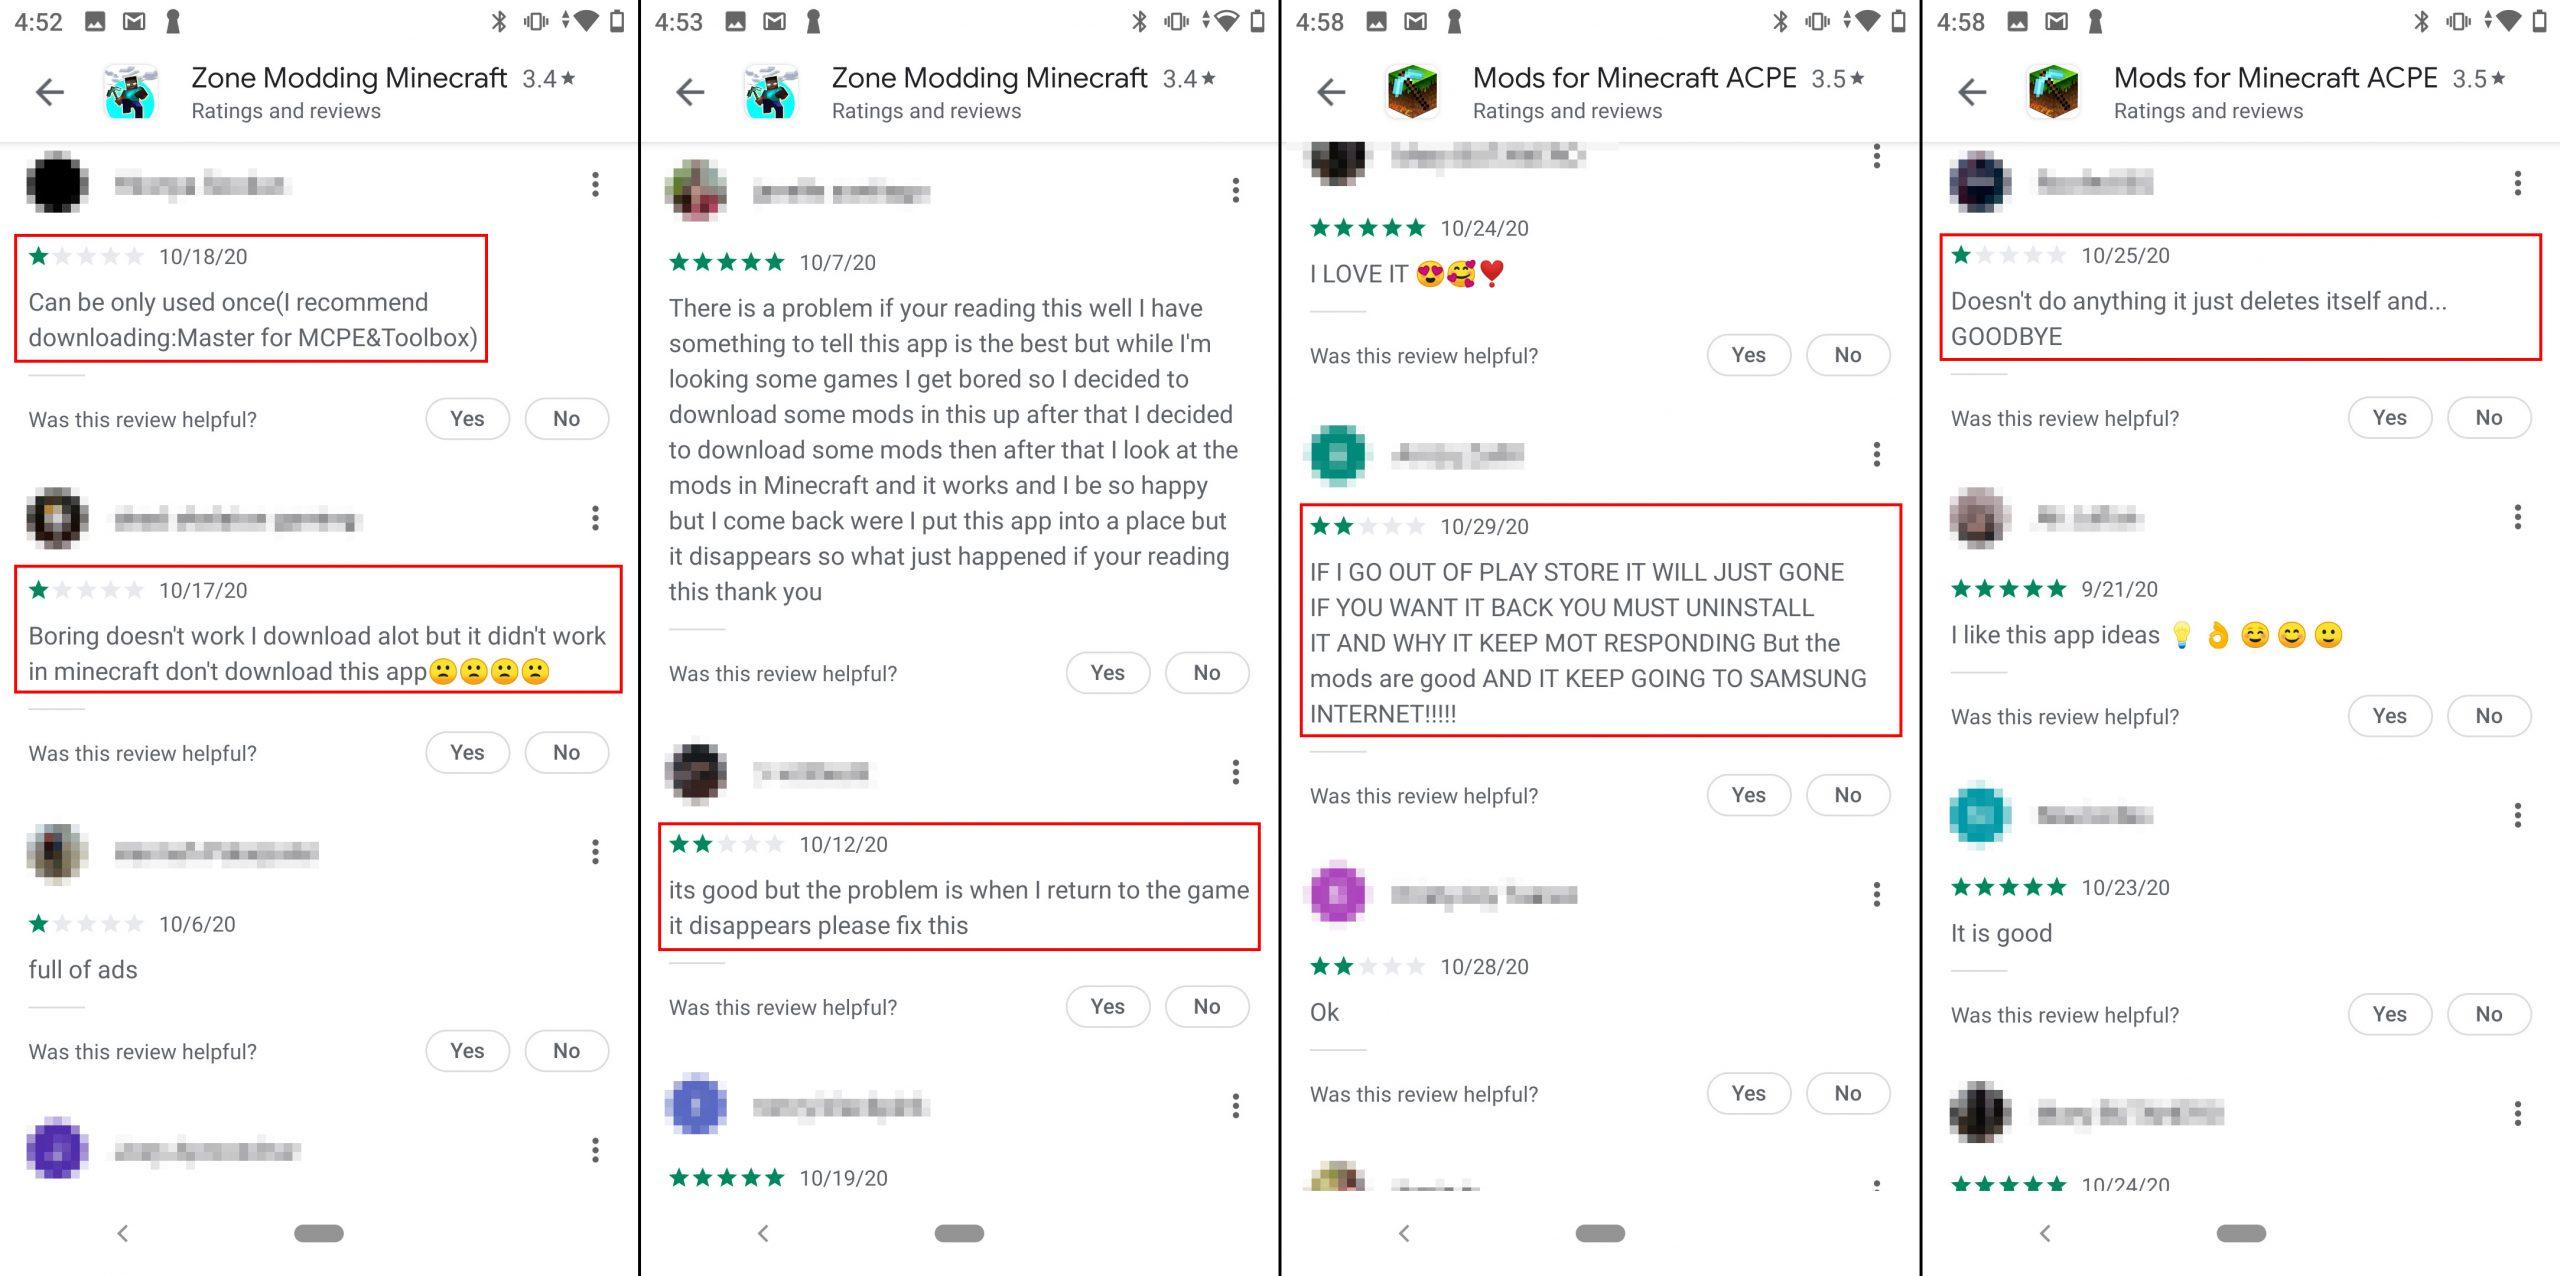 Los usuarios se quejan de que la aplicación no funciona y de que se borra aparentemente